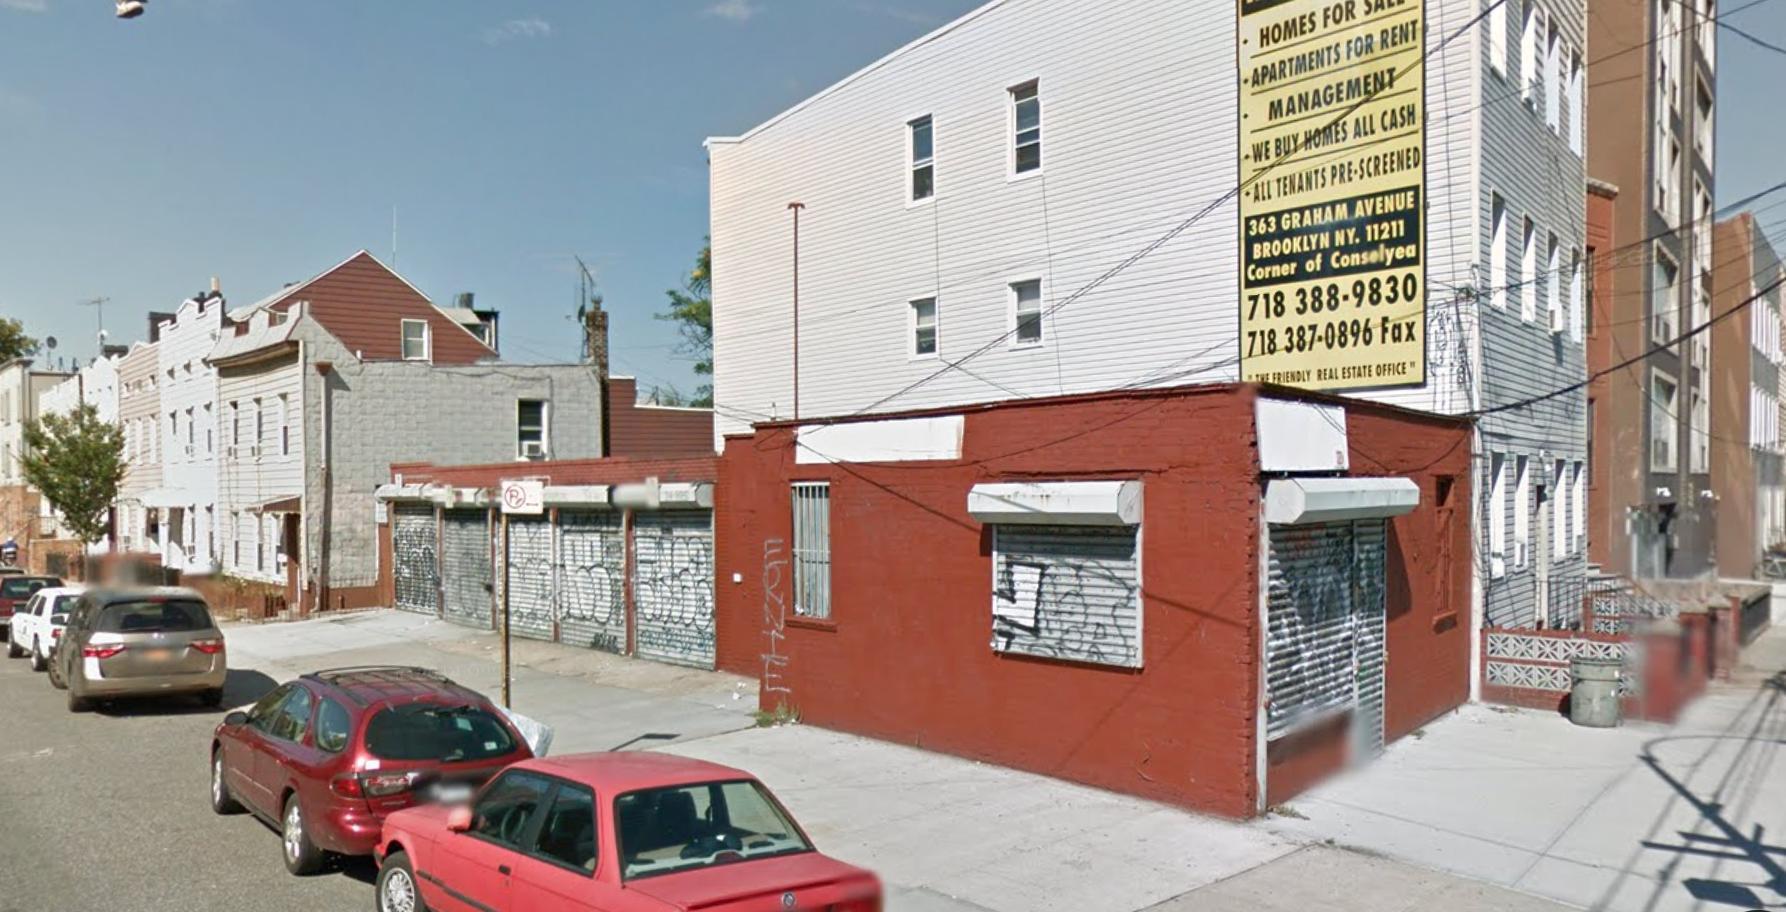 70 Bushwick Avenue